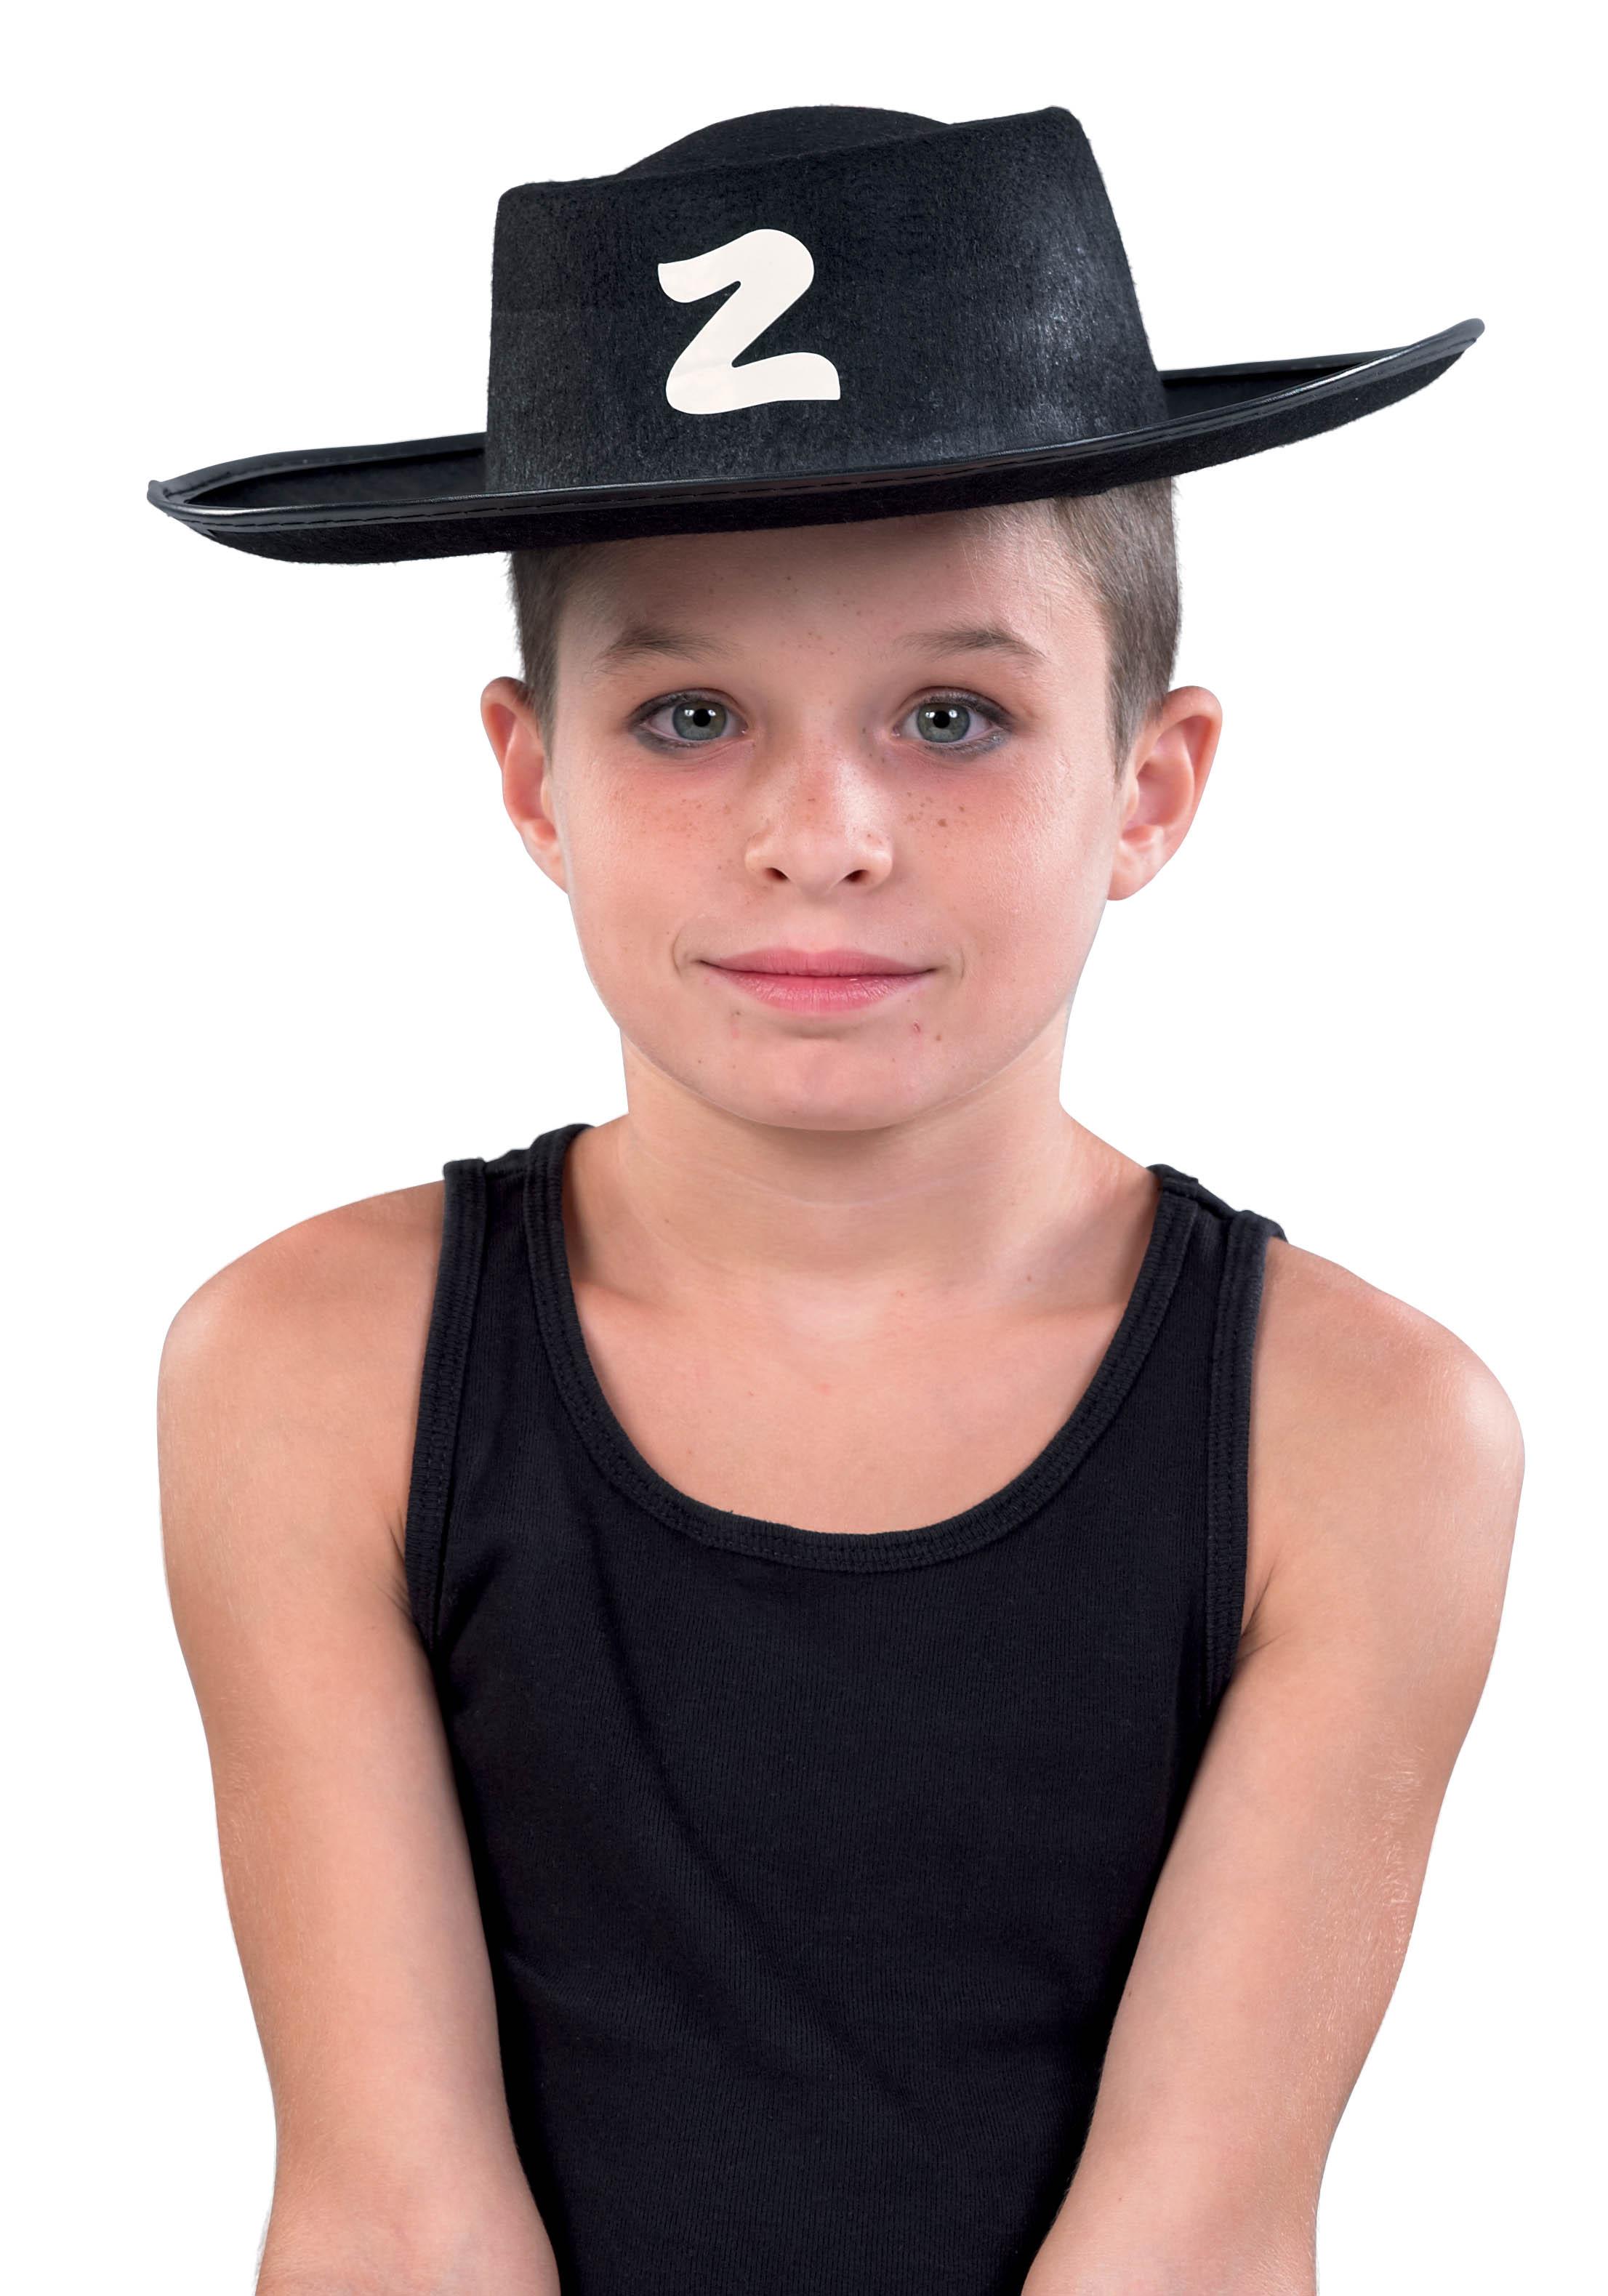 Child's Zorro Hat